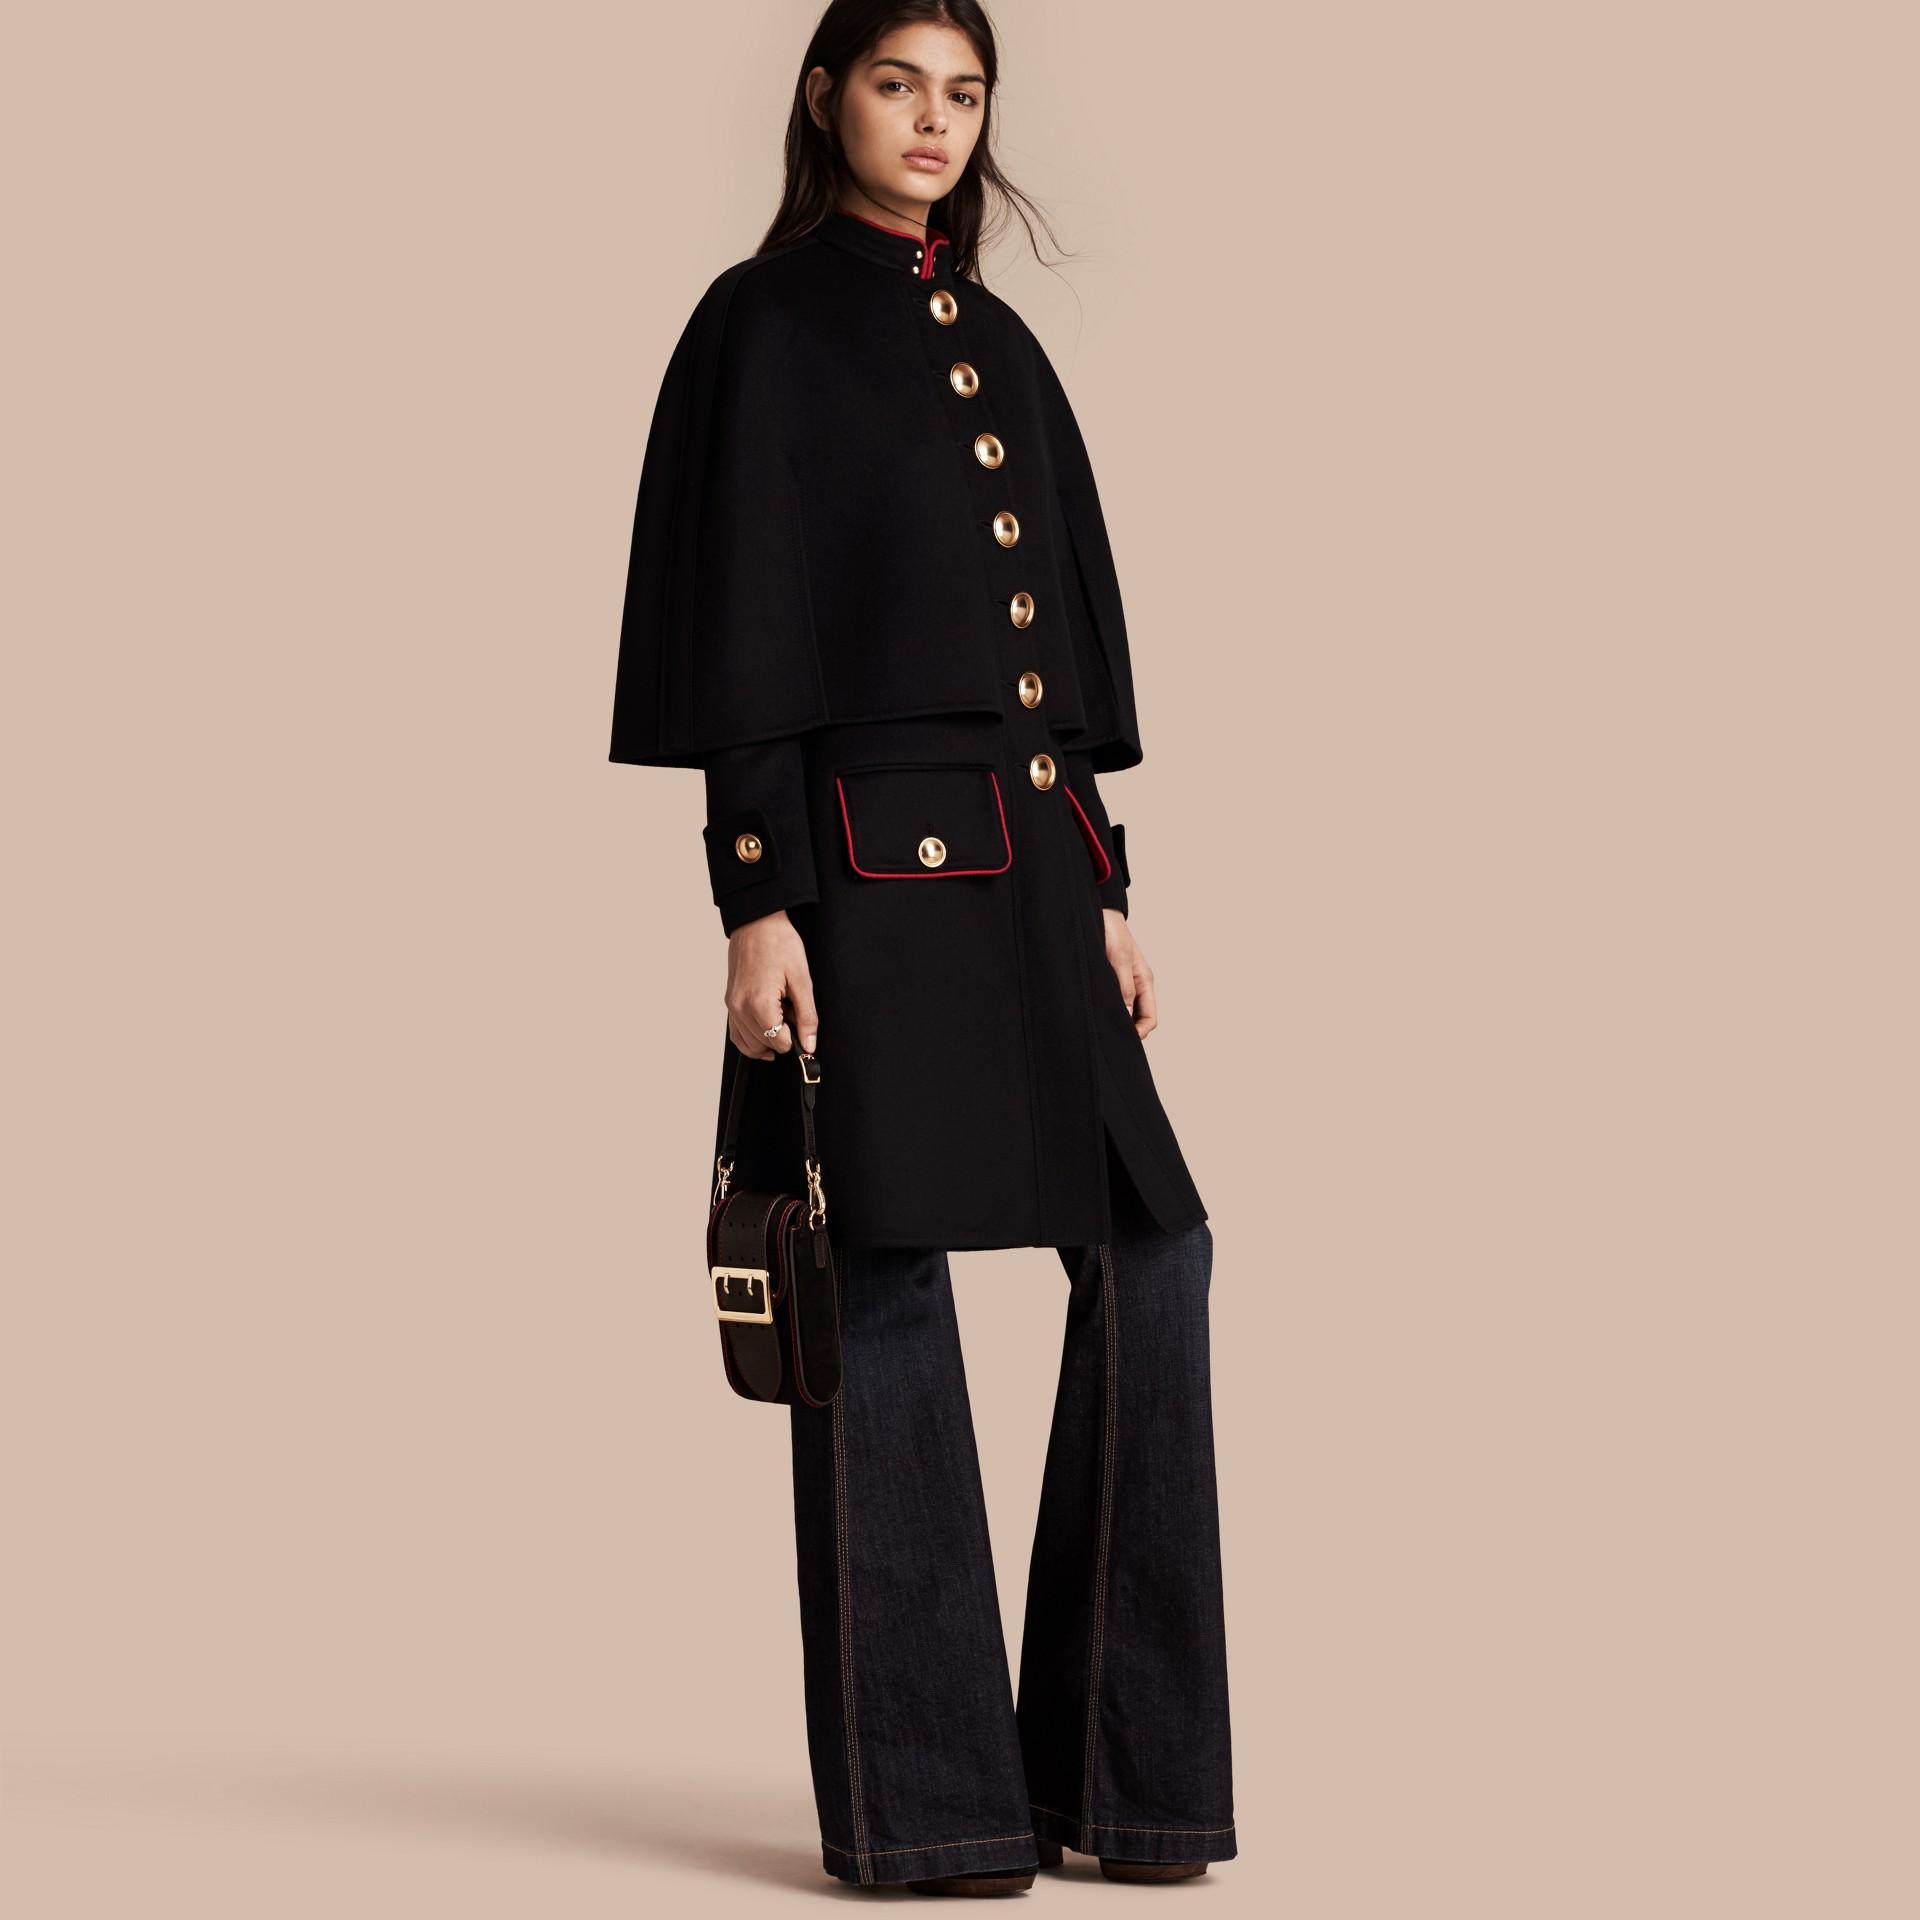 Черный Пальто с пелериной из кашемира в стиле милитари - изображение 1